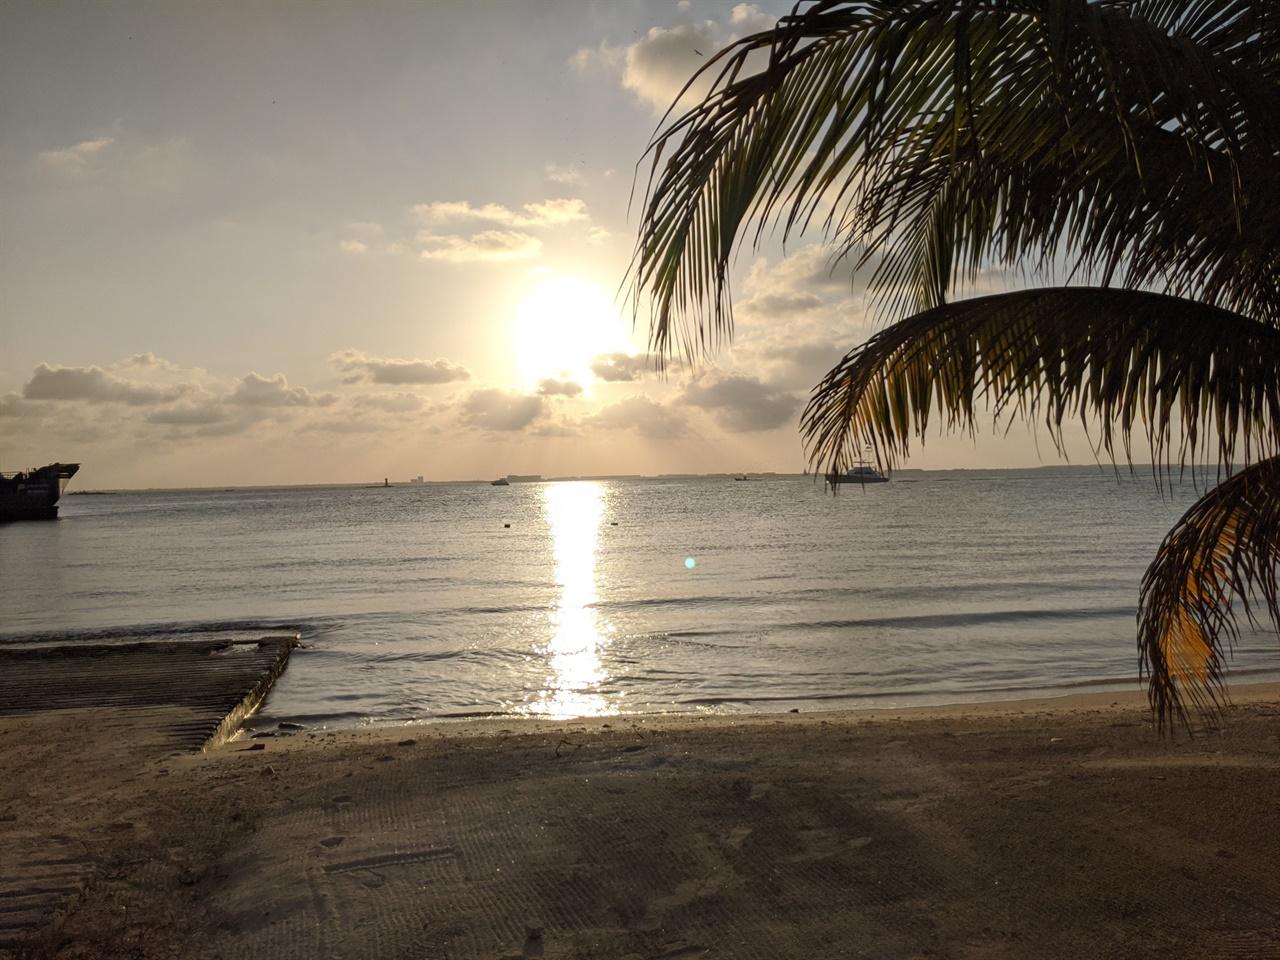 이슬라 무헤레스 섬의 석양 산책 길에 만난 이슬라 무헤레스 섬의 석양